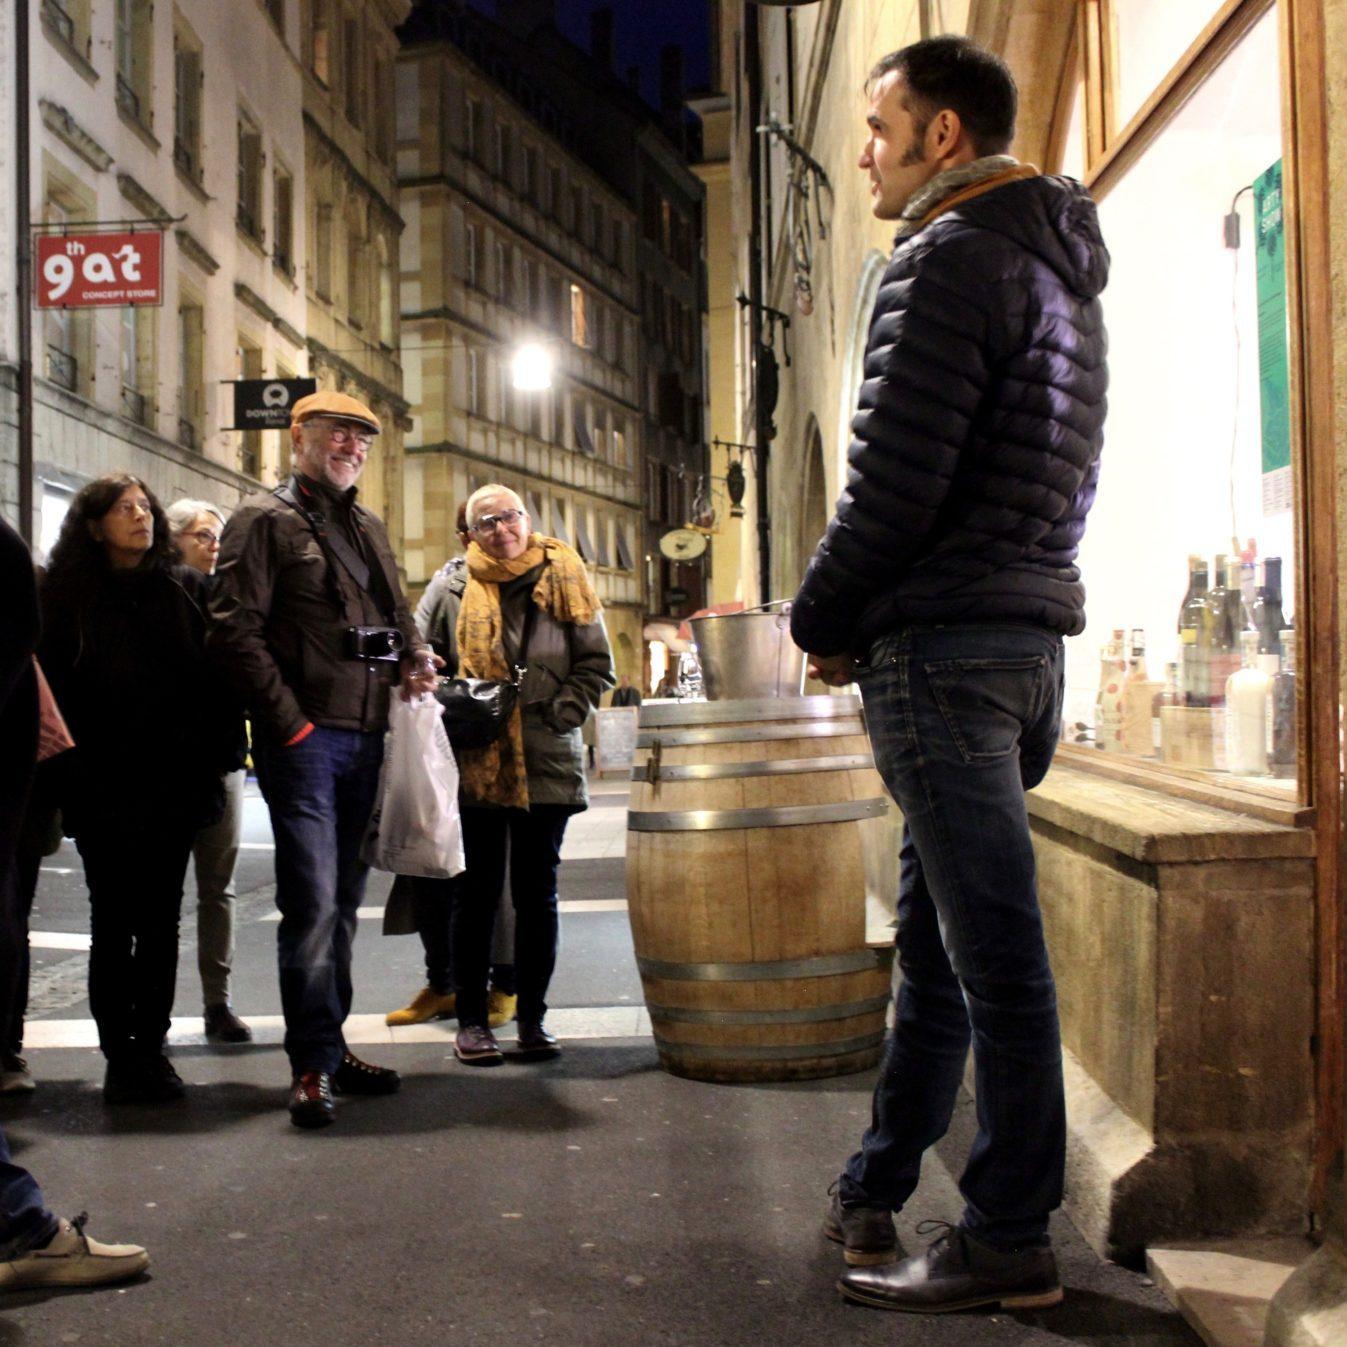 Parcours commenté Arty show Neuchâtel 2019 / Le French Paradoxe